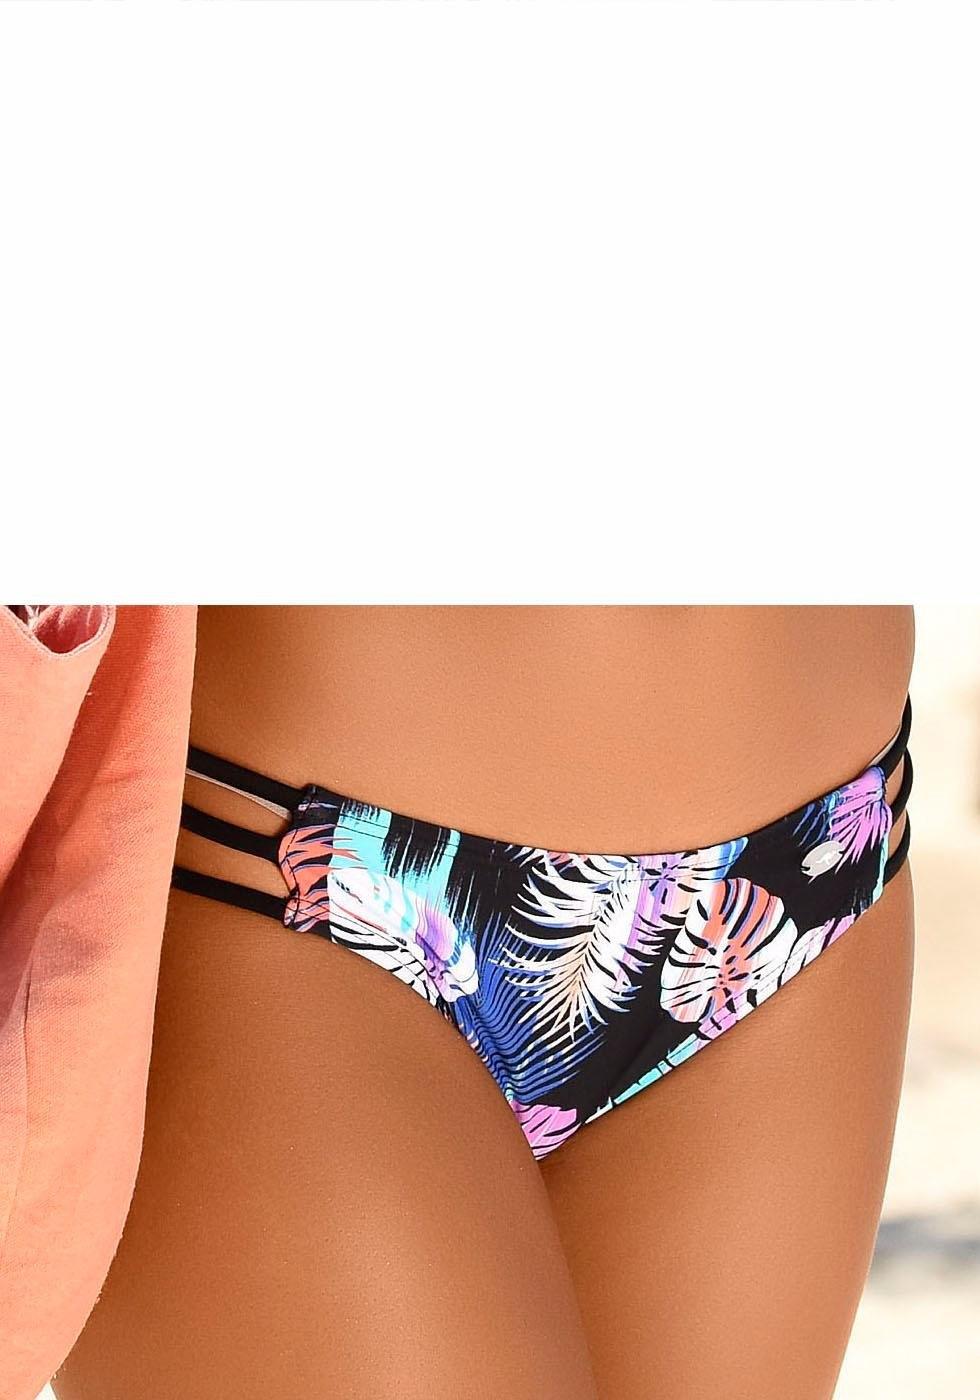 KangaROOS bikinibroekje - gratis ruilen op otto.nl